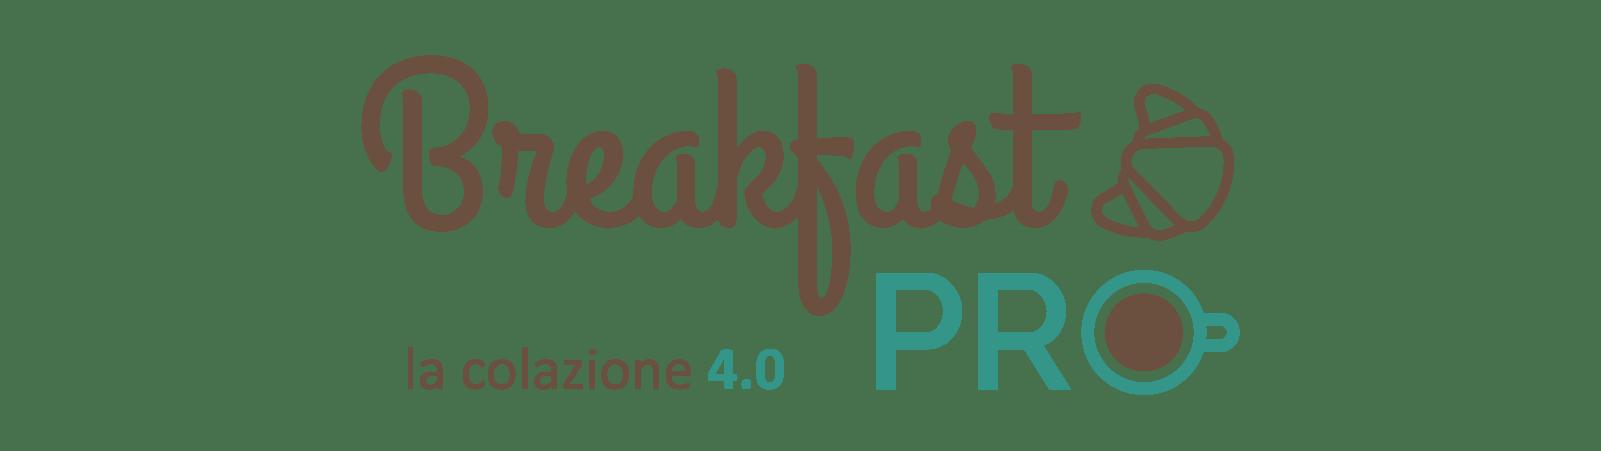 Breakfast-Pro